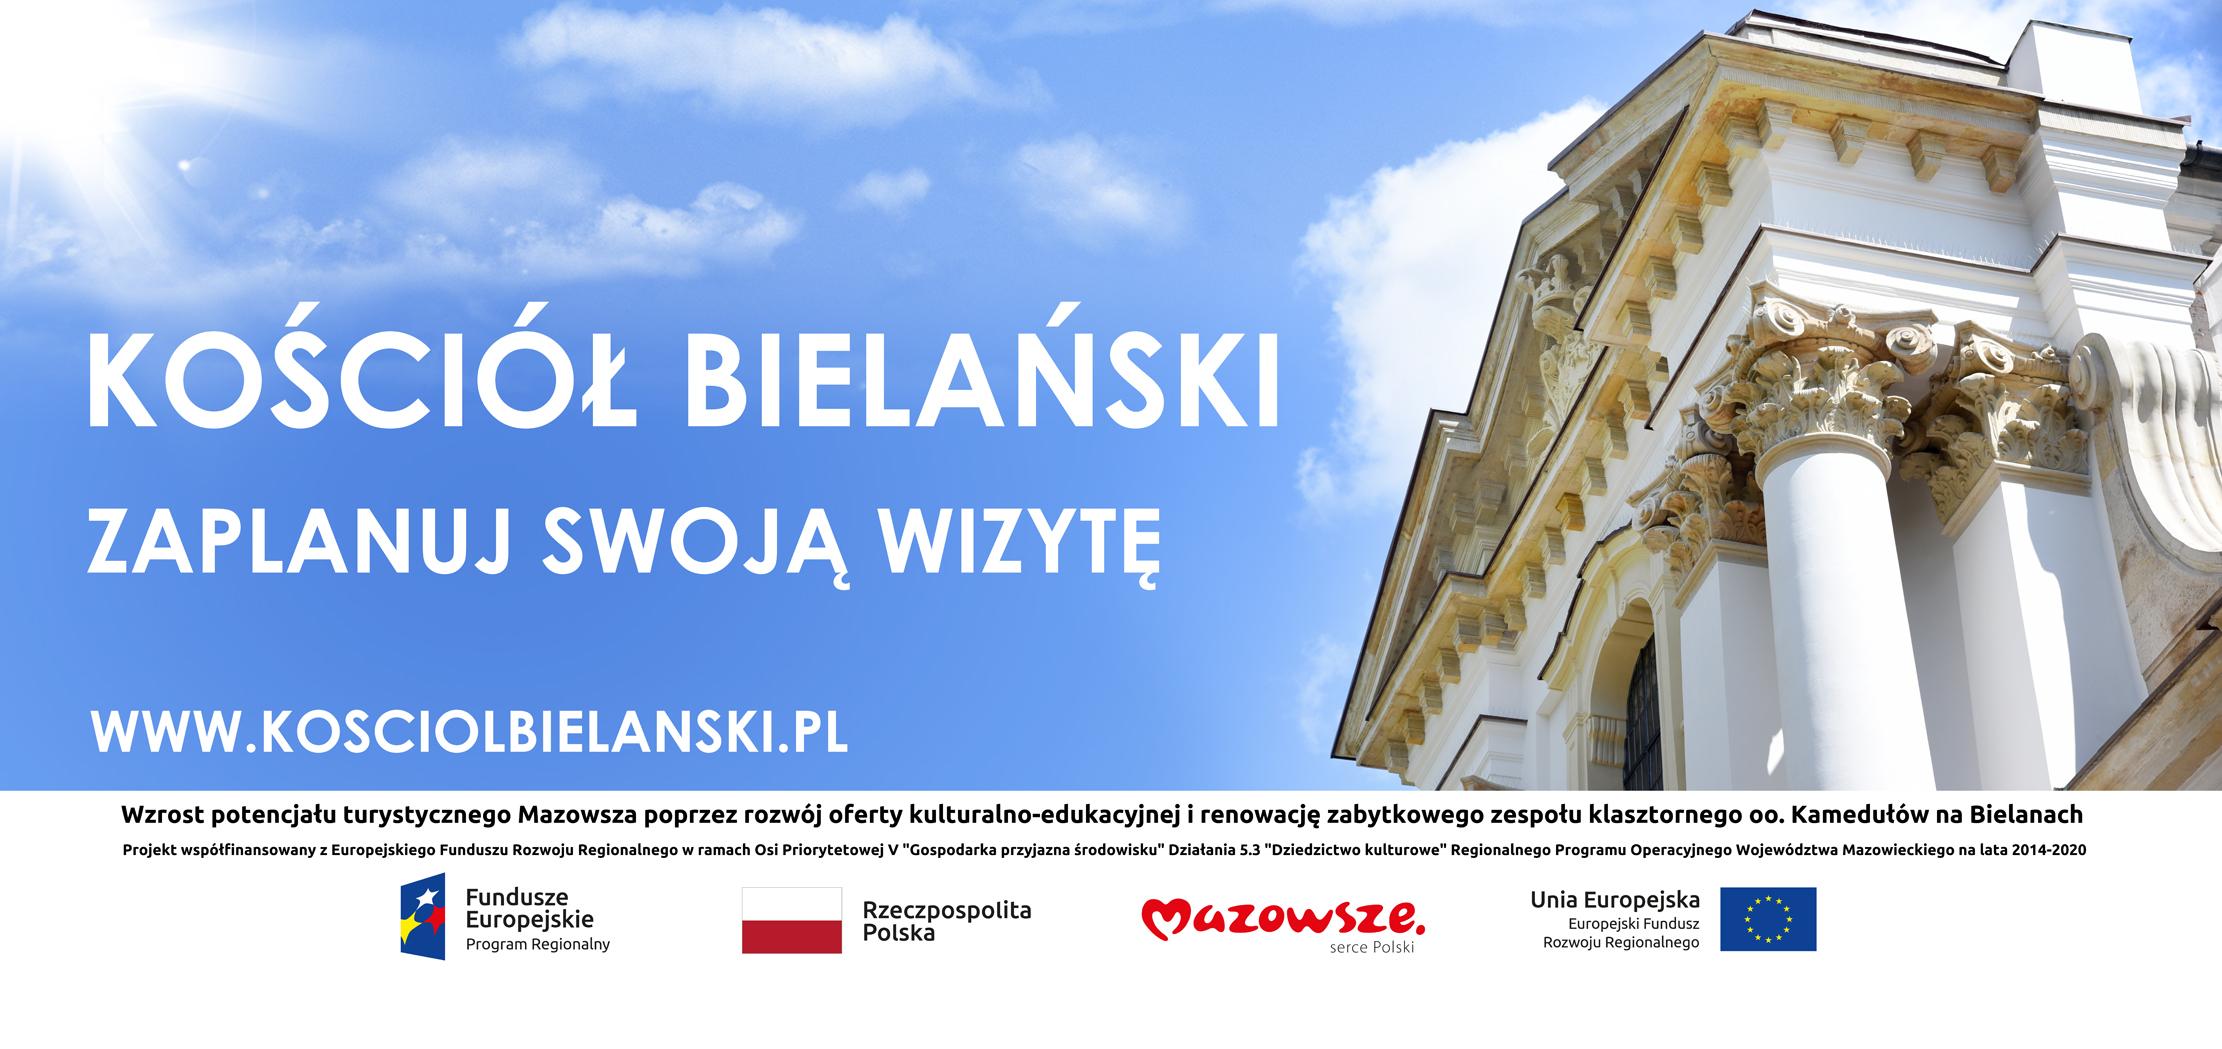 kosciolbielanski.pl